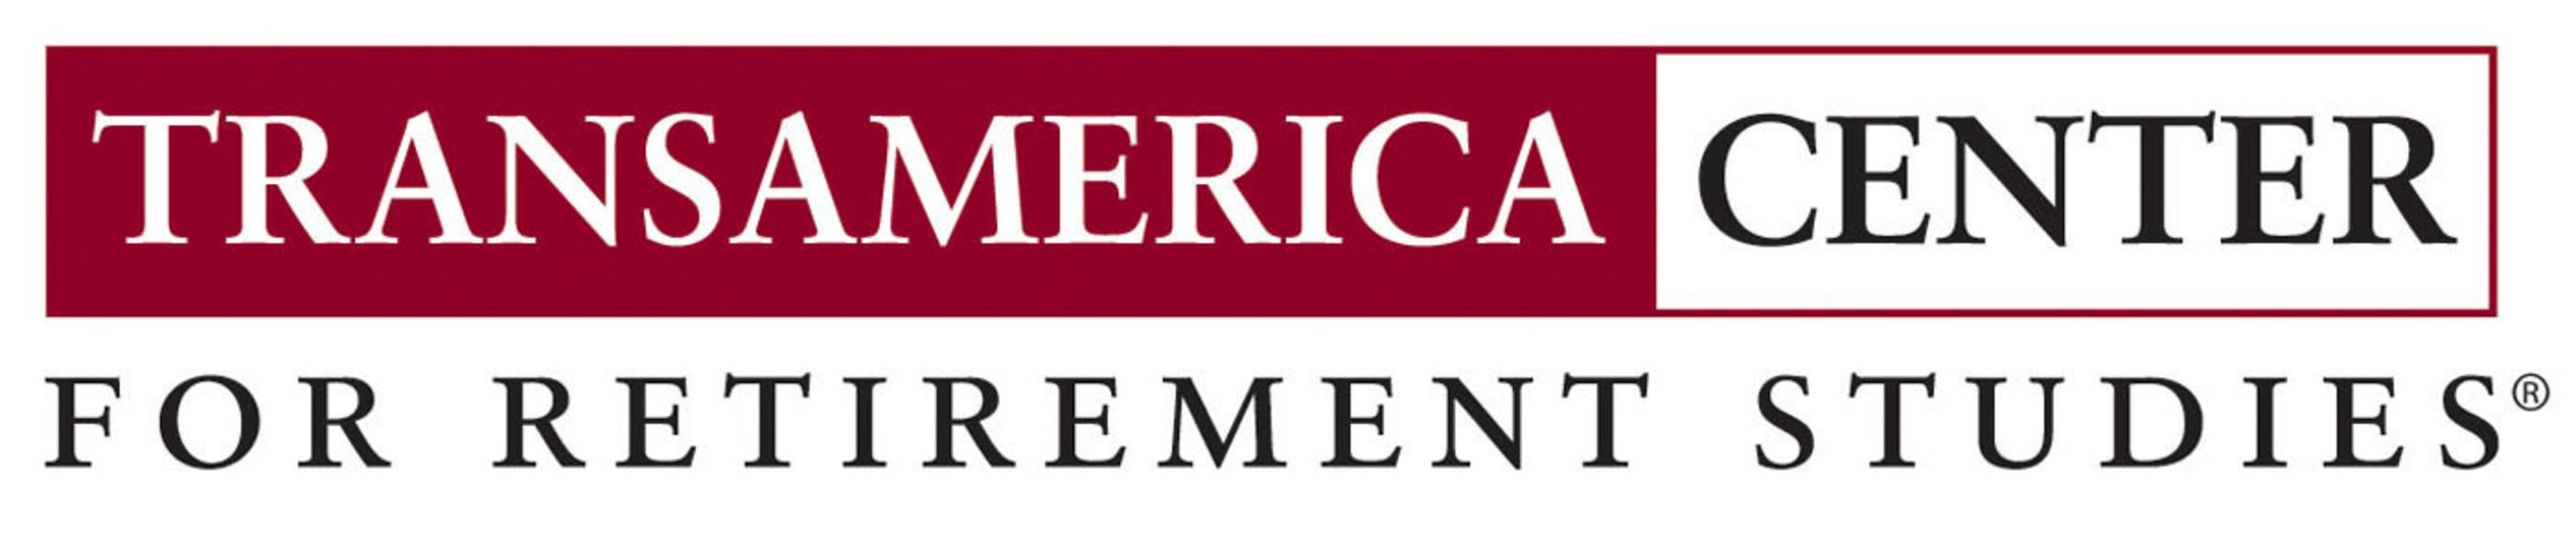 Transamerica Center for Retirement Studies logo. (PRNewsFoto/Transamerica Center for Retirement Studies)